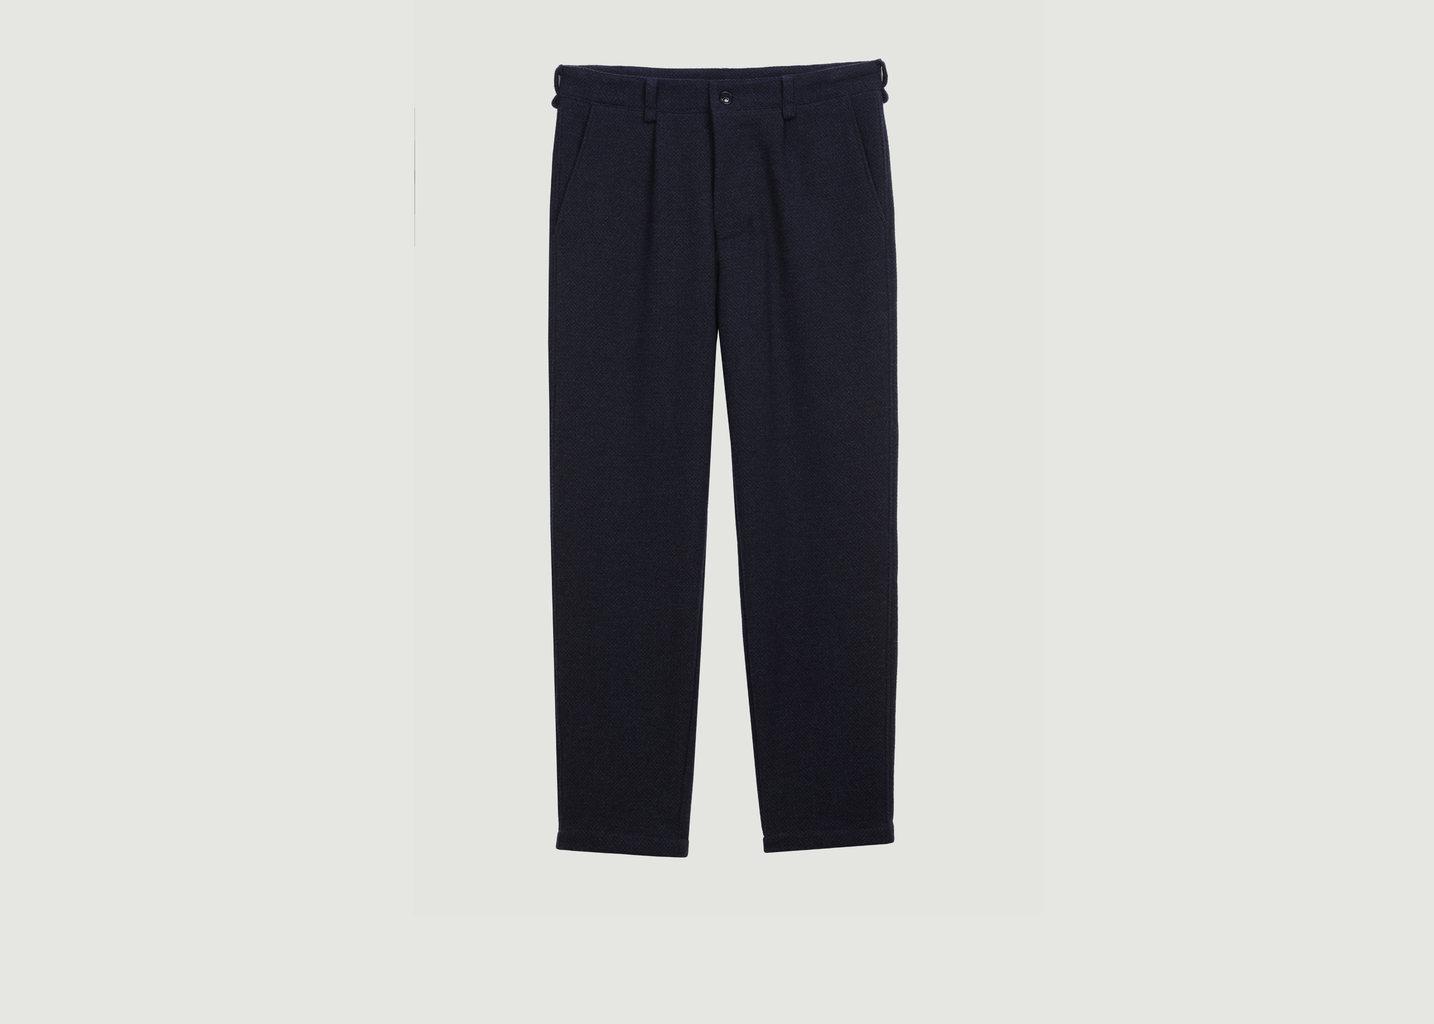 Pantalon 7/8e Orel Tusk - Homecore